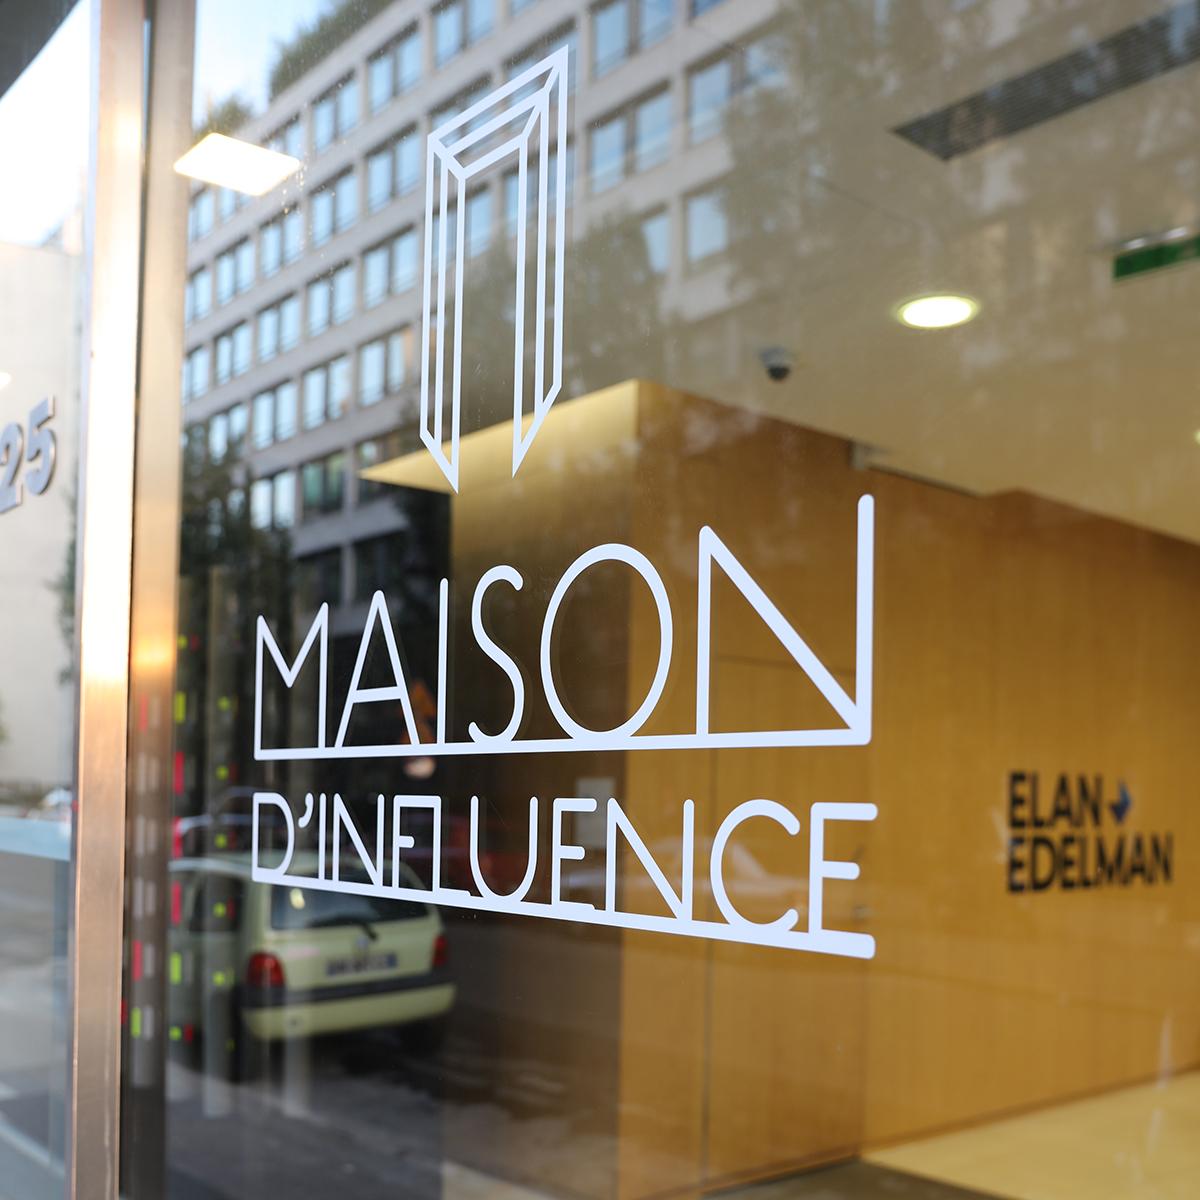 elan-edelman-bureaux-offices-agence-relations-publiques-publicite-paris-15